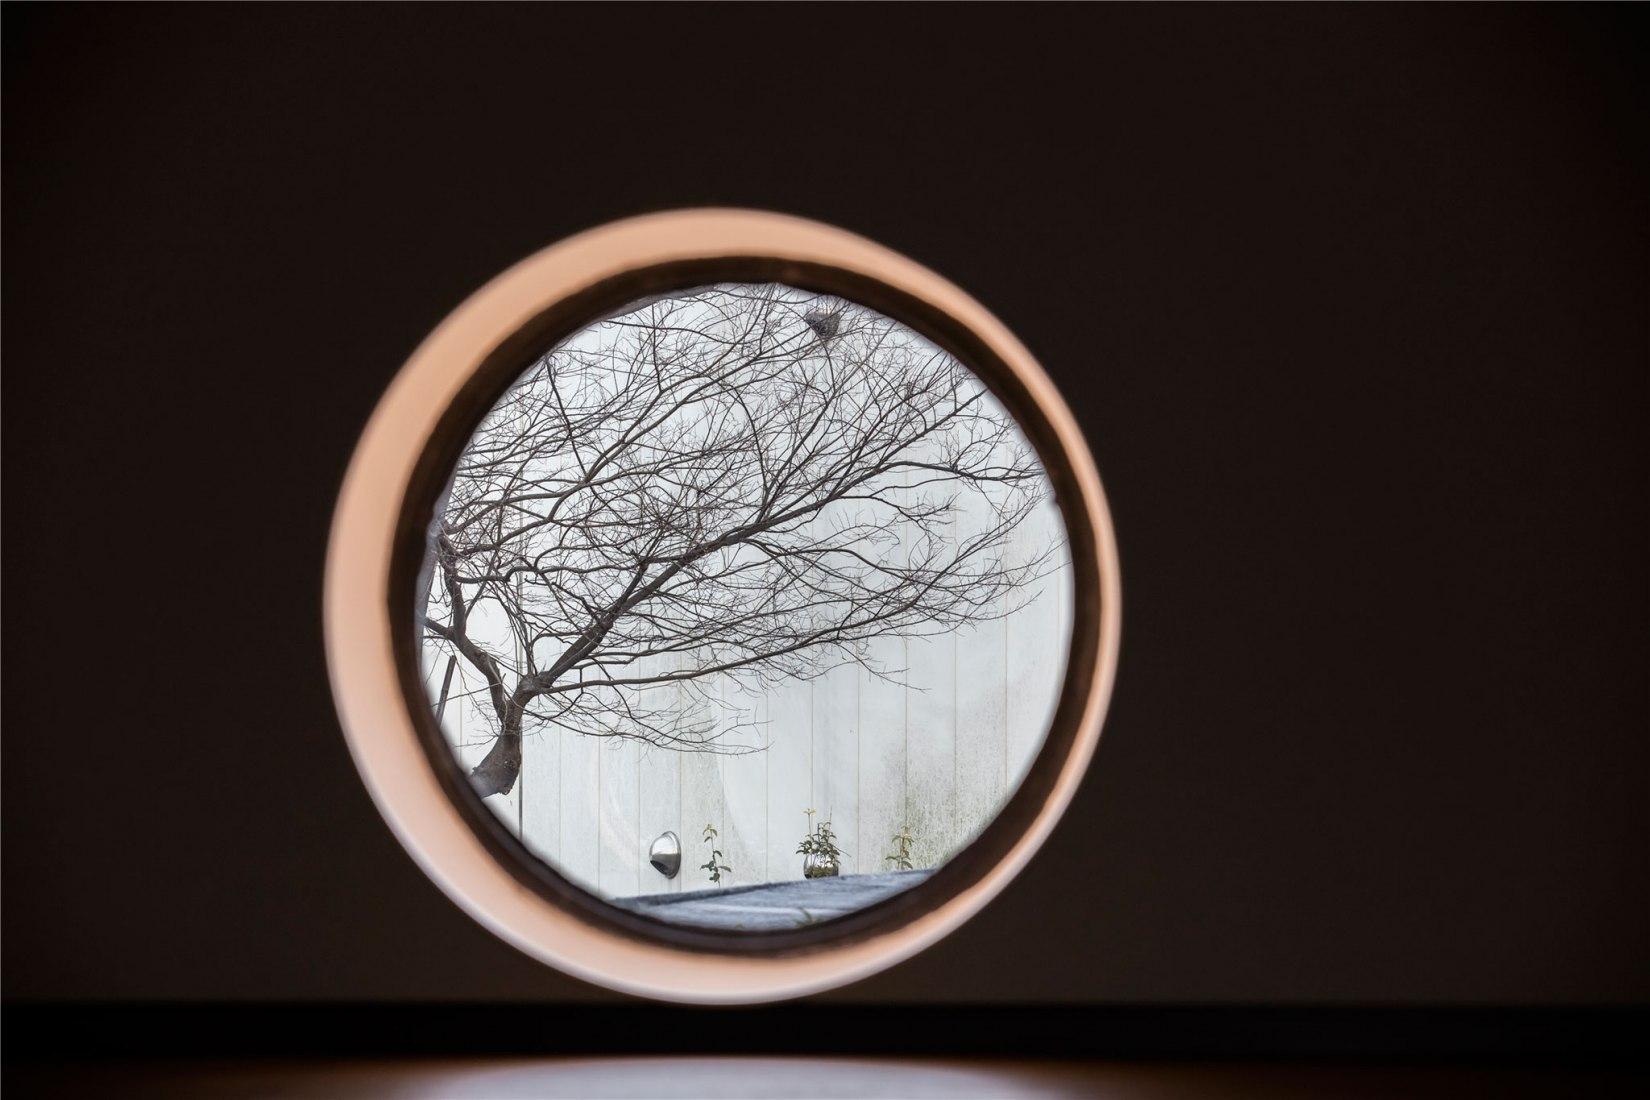 Y20 SPACE por WJ Design. Fotografía por Qiang Shen.